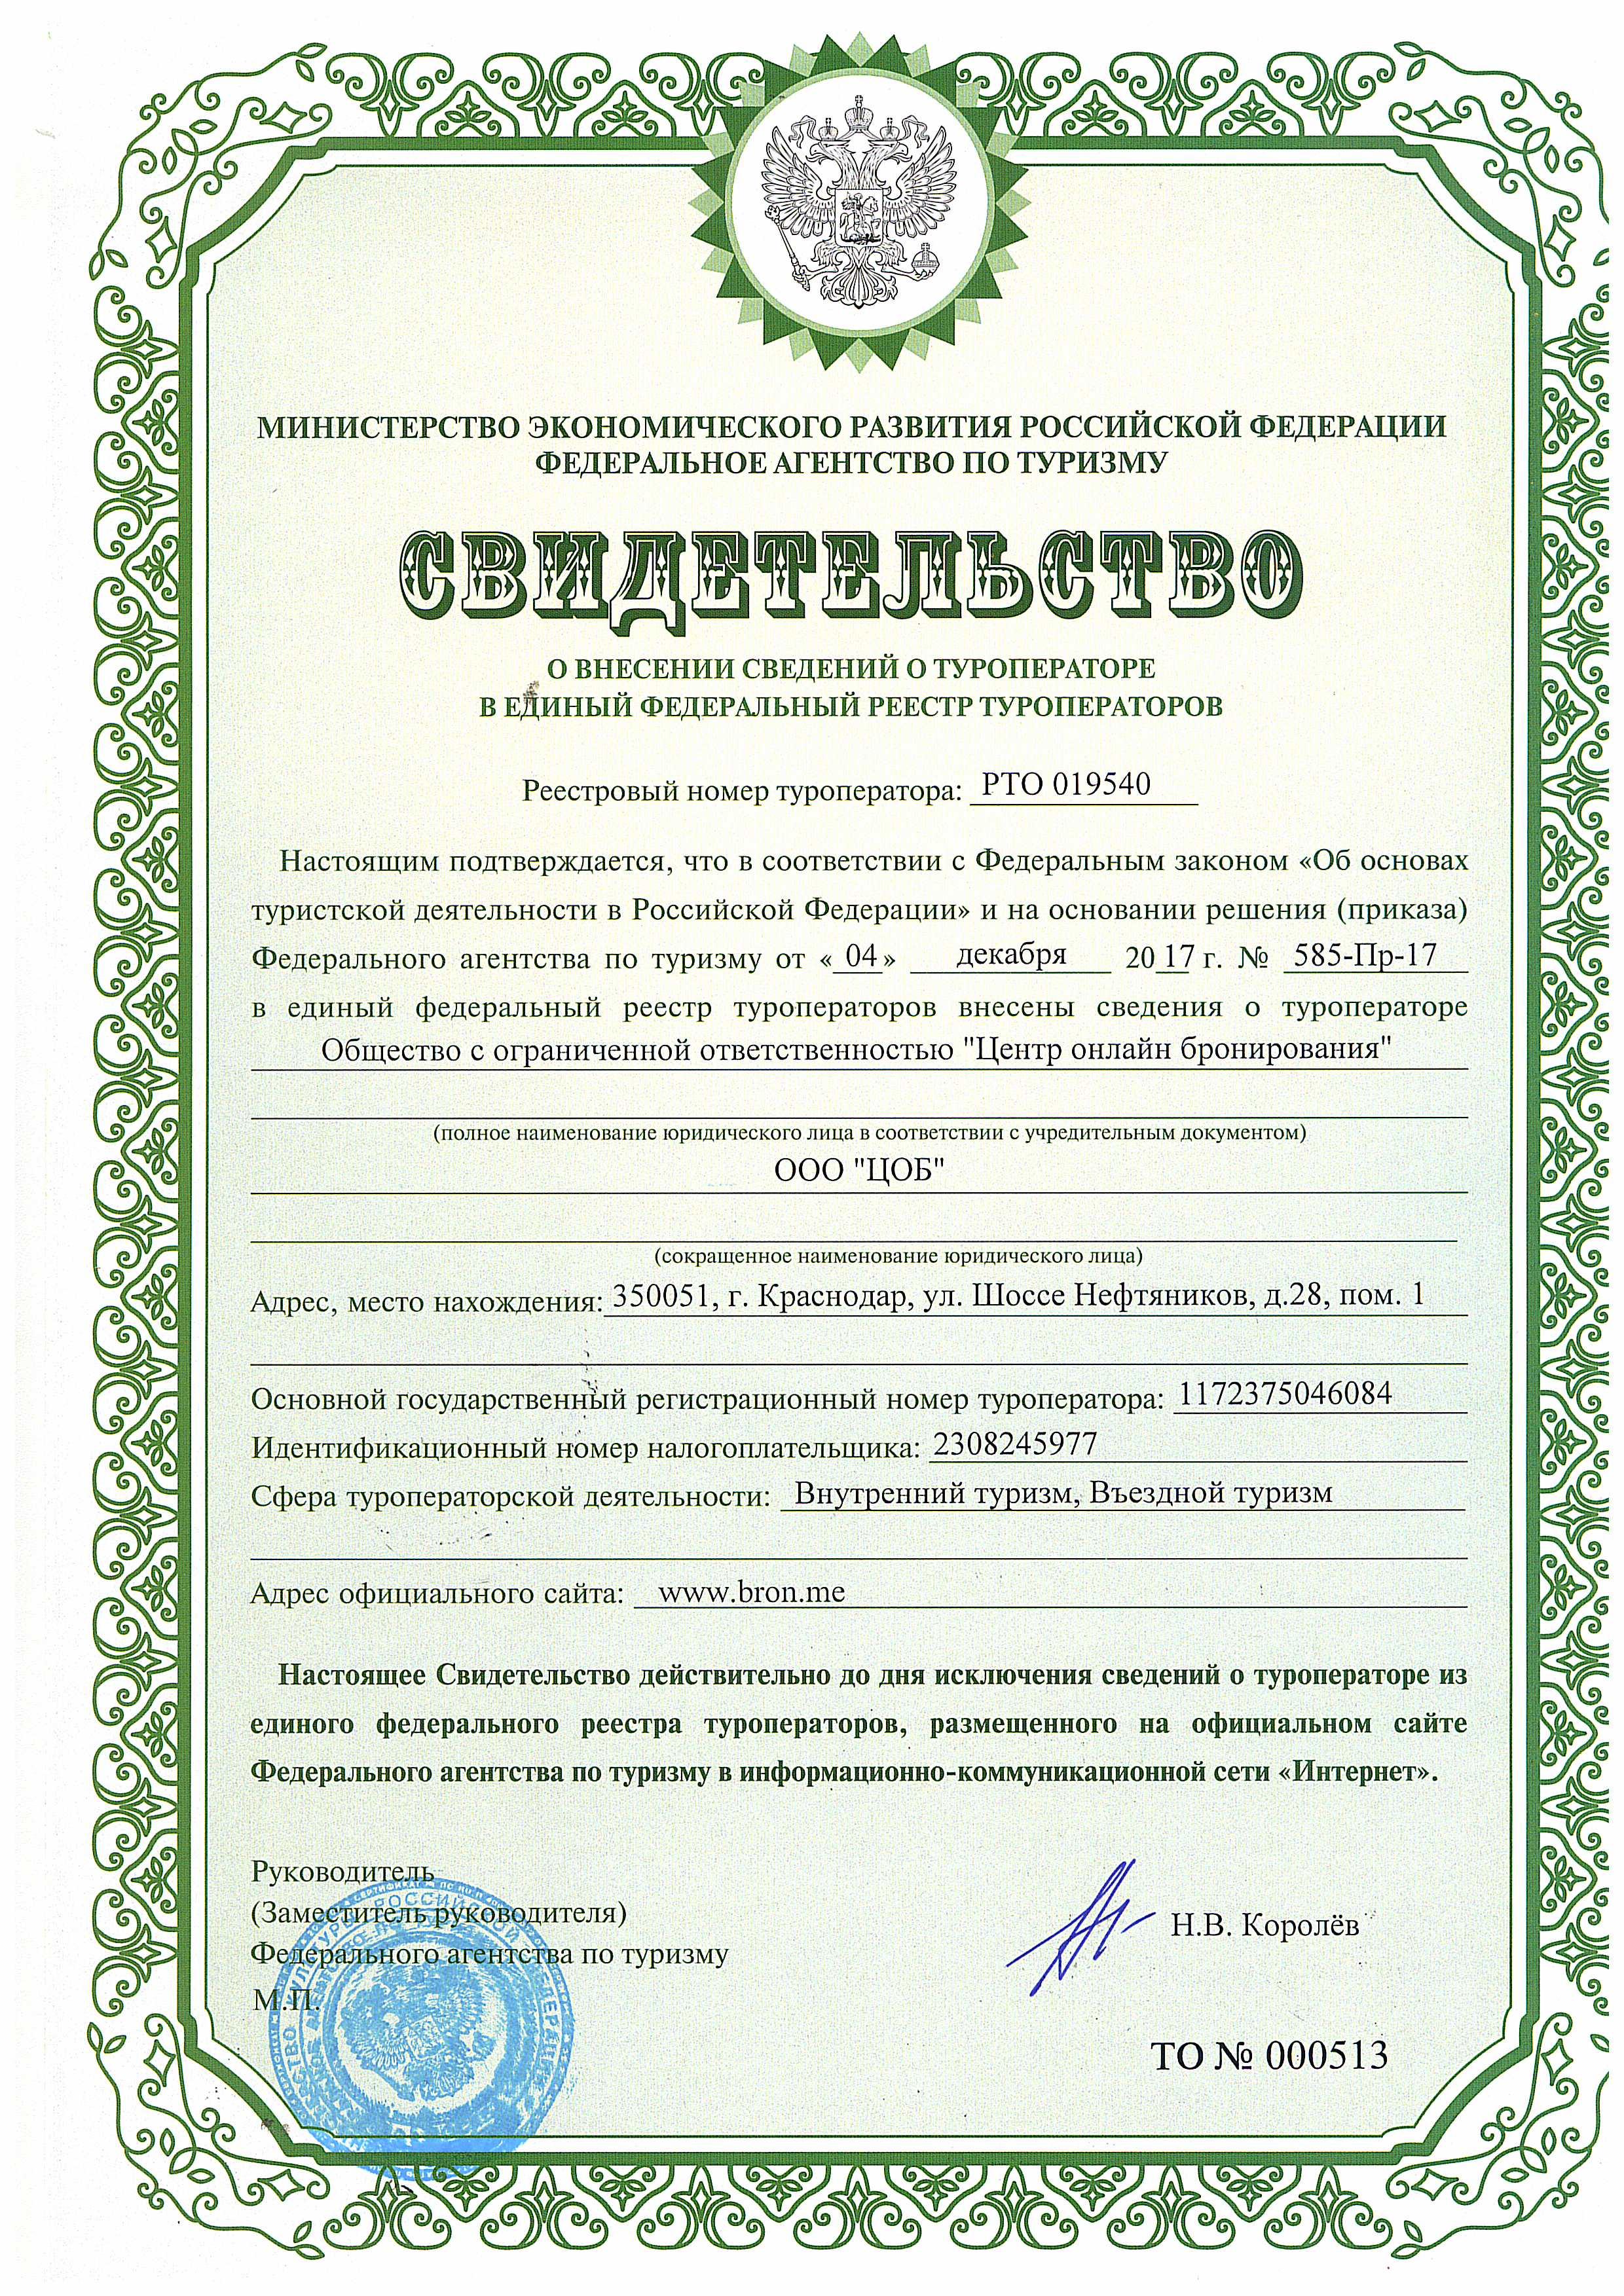 Свидетельство о внесении сведений о туроператоре в единый реестр туроператоров